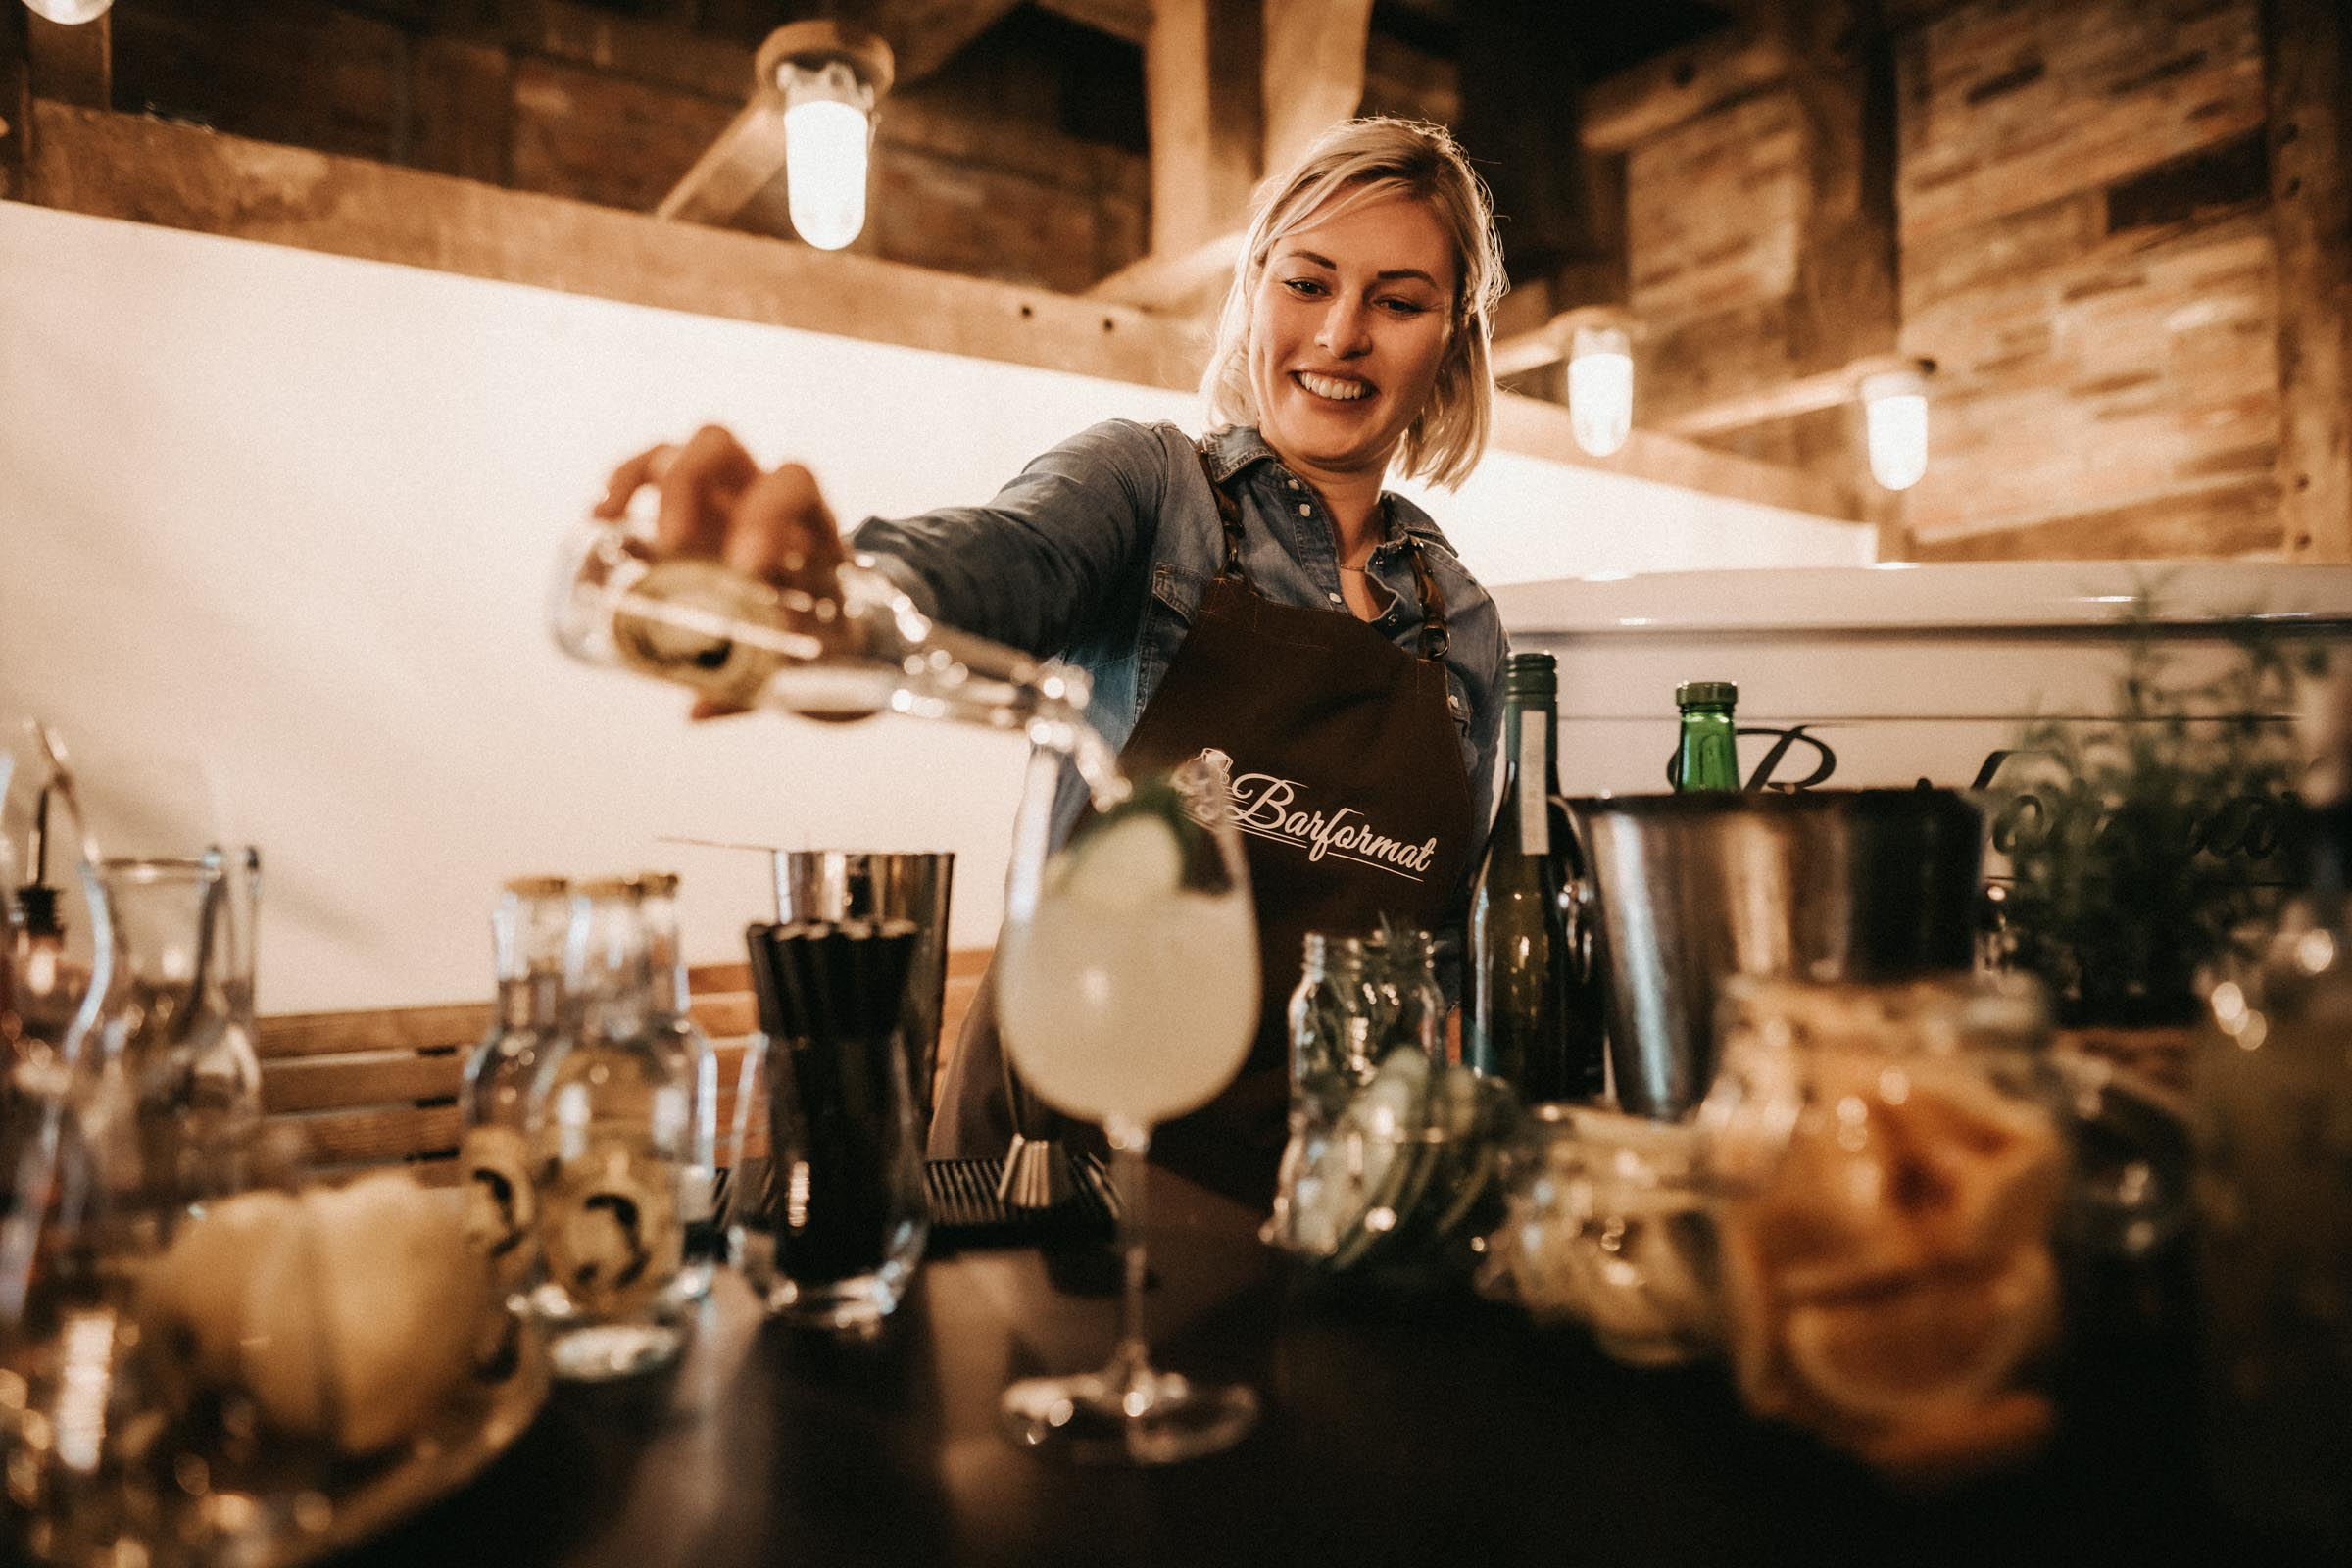 Barformat | Mobile | Bar | Hannover | Hamburg | Bremen | Braunschweig | Cocktailbar | Sektempfang | Cocktailservice | Bulli | Bar | Hochzeit | Barkeeper | Messen | Firmenfeiern | Catering | Food | Truck | Getränke | Ape | VW